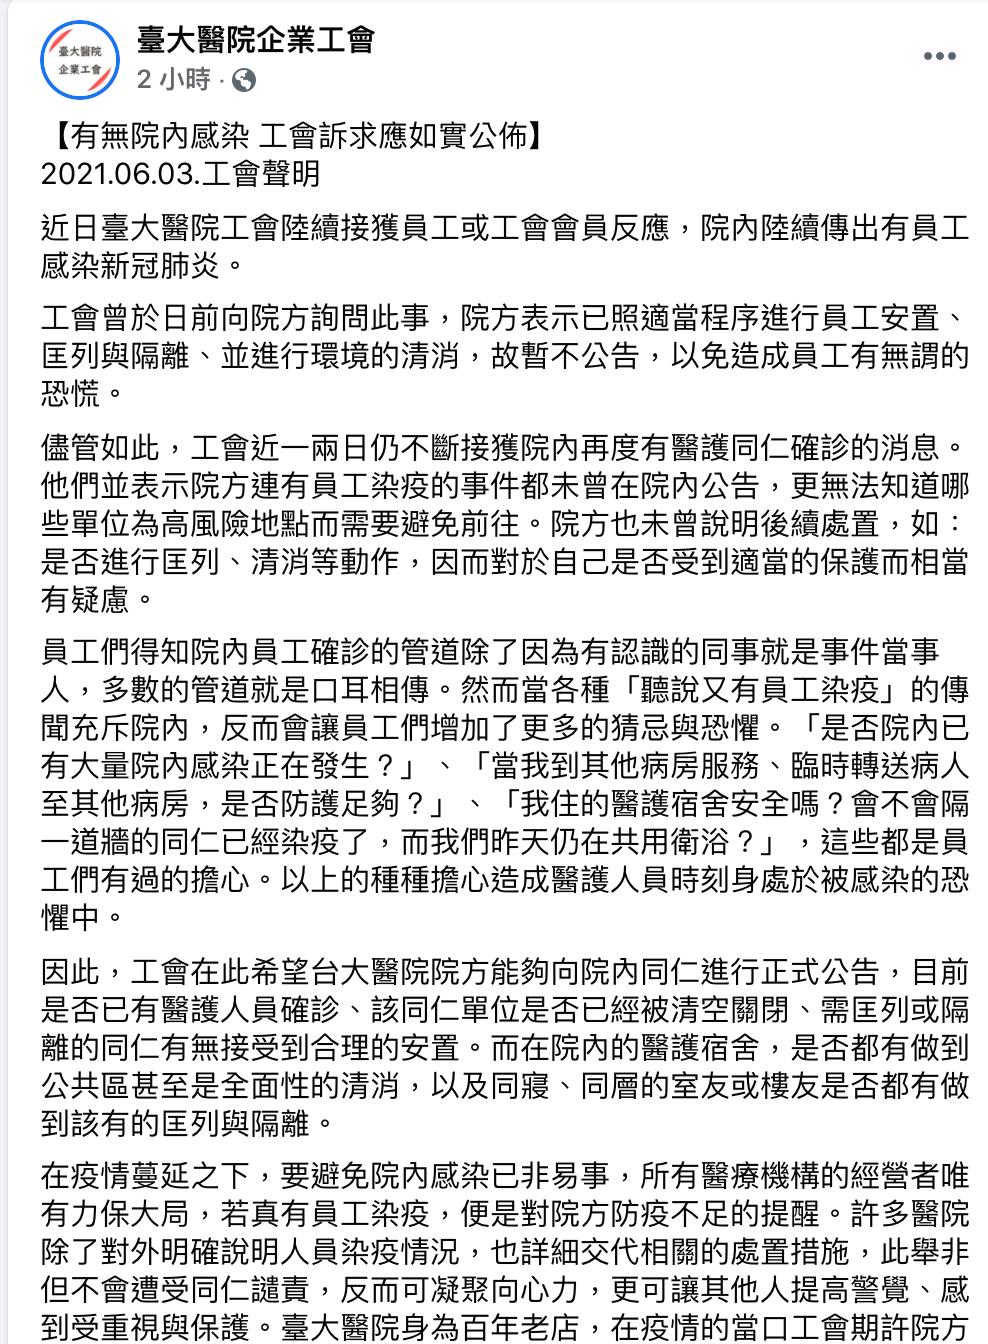 台大醫院企業工會發聲明。(翻攝自臉書台大醫院企業工會)